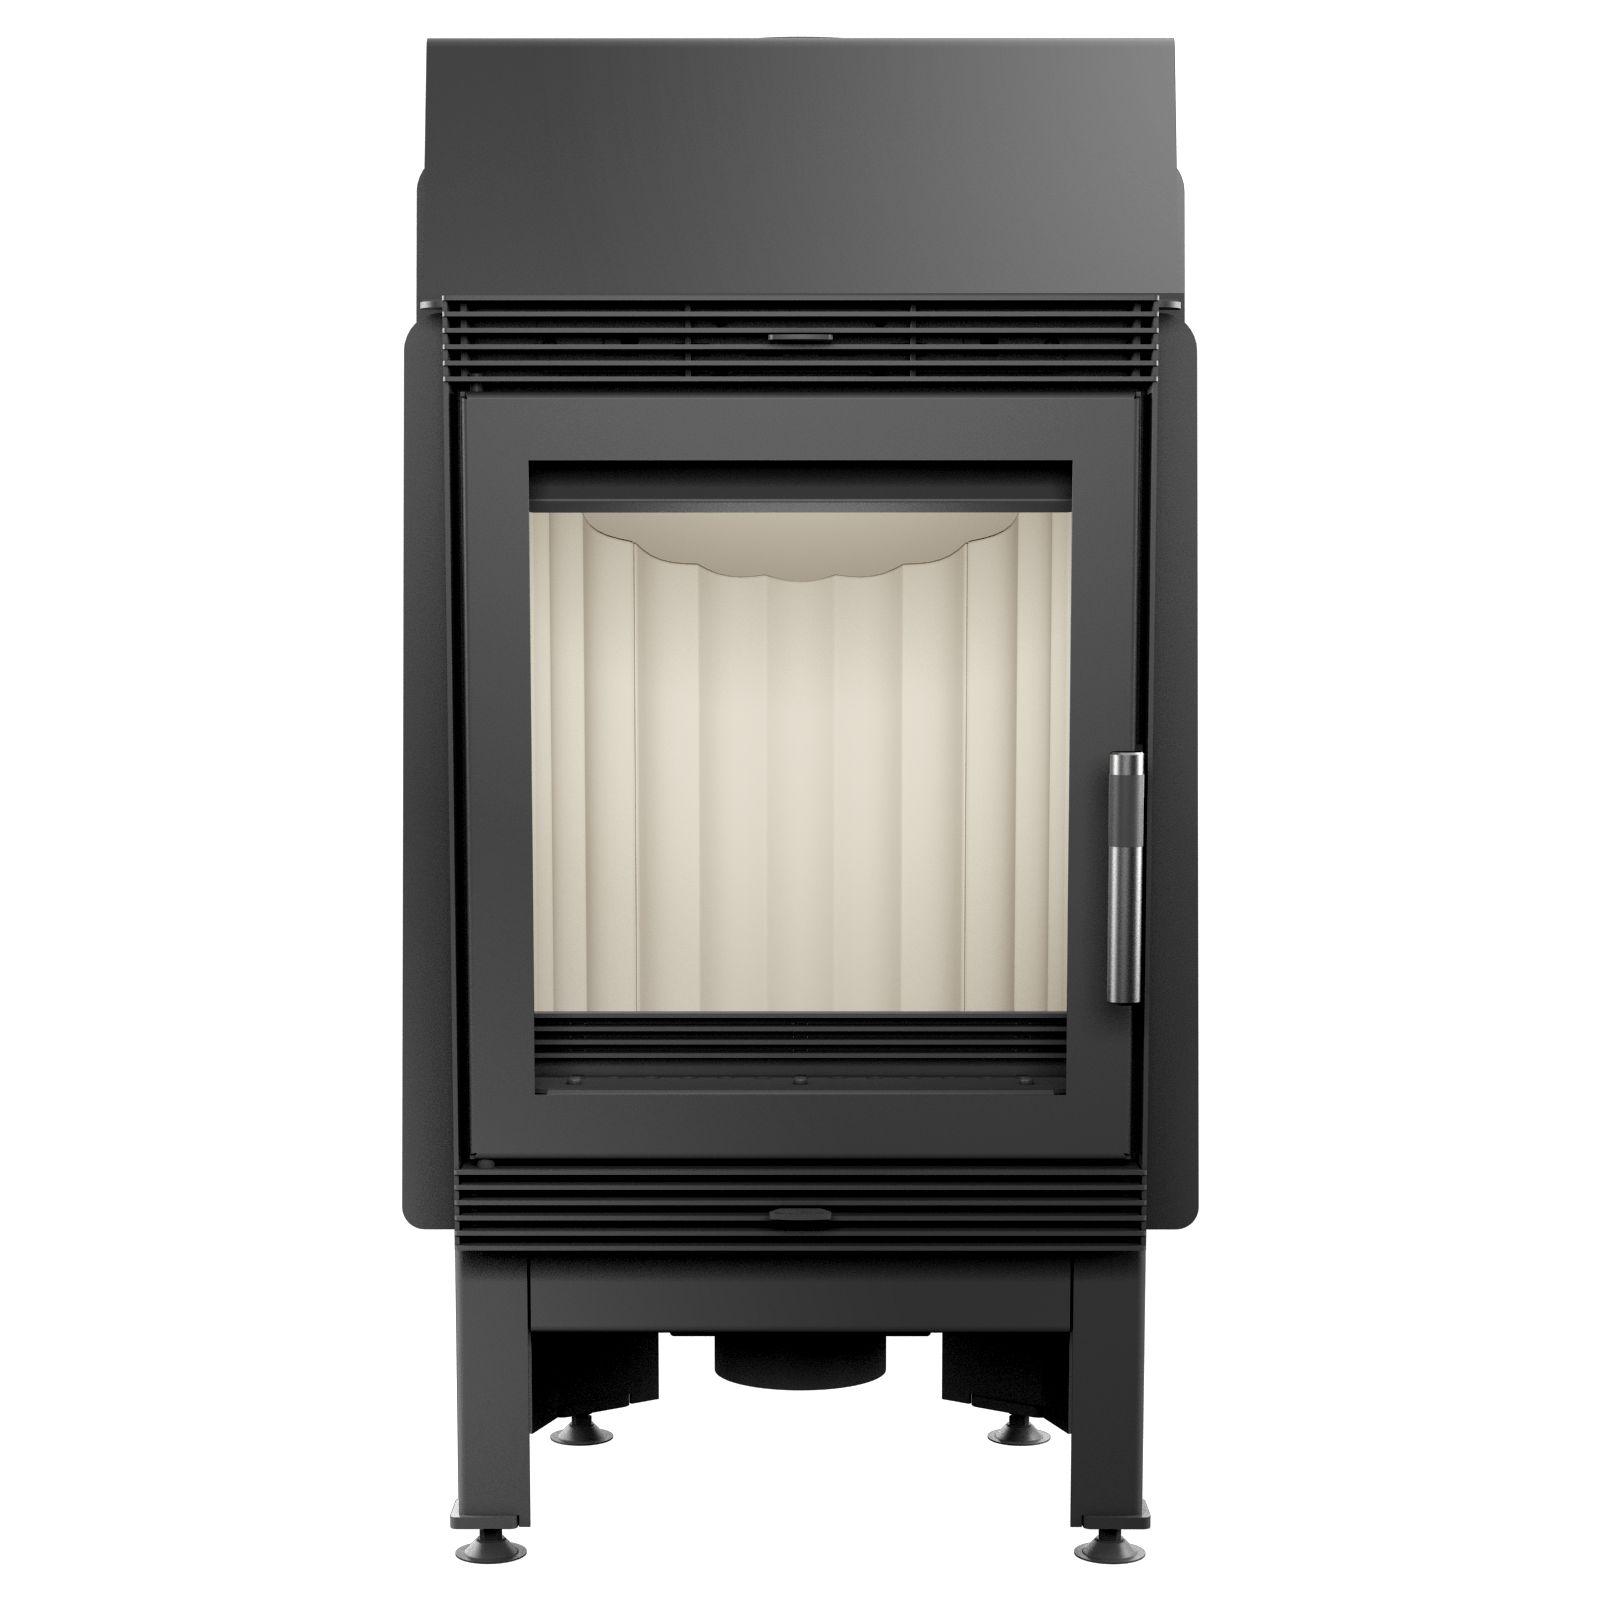 kamineinsatz kratki blanka 8 kw mit speichertechnik bausatz. Black Bedroom Furniture Sets. Home Design Ideas